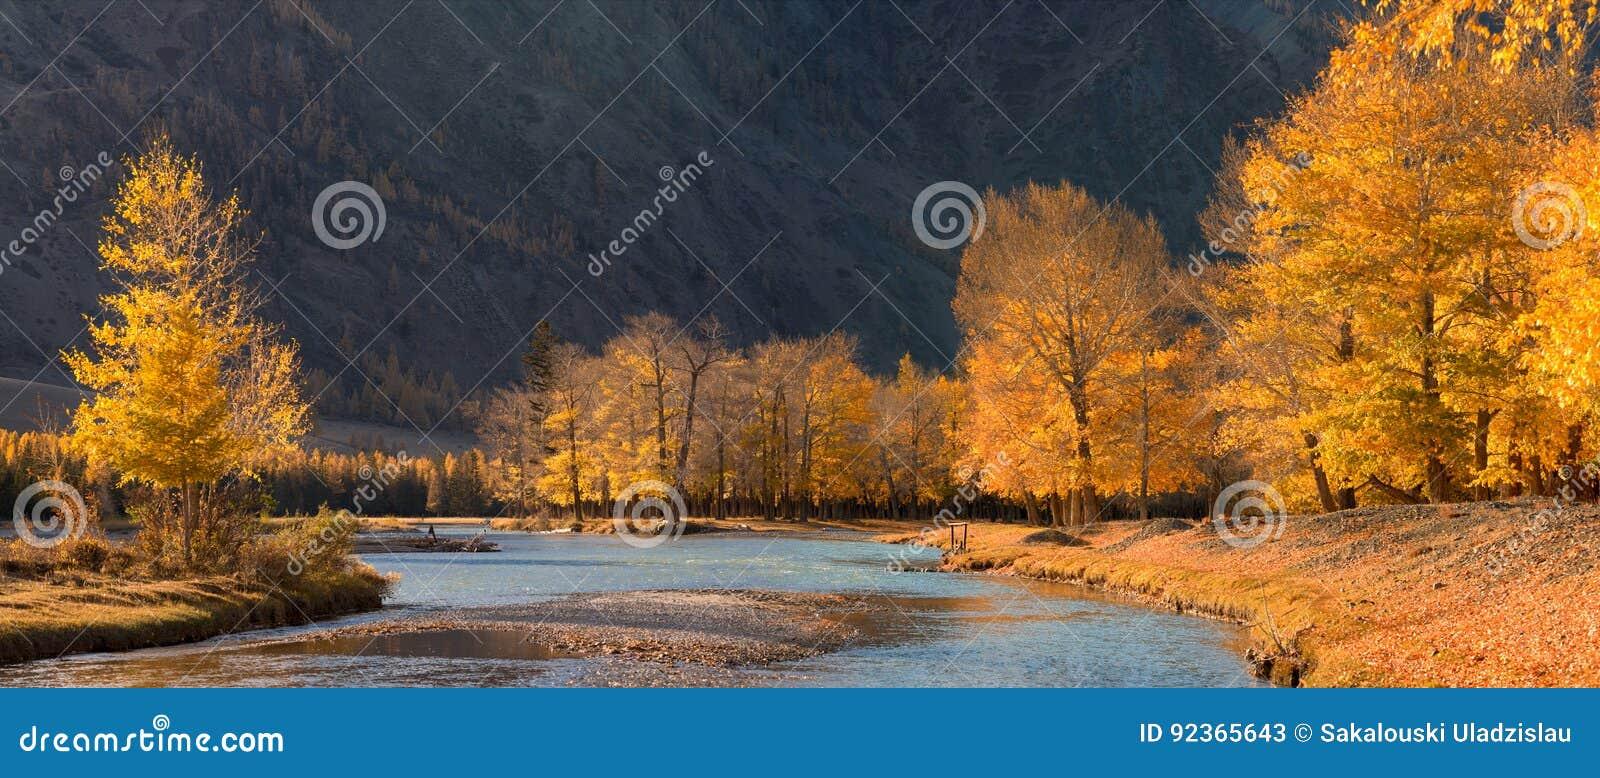 Een mooi landschap van de de herfstberg met zonovergoten populieren en blauwe rivier De herfstbos met gevallen bladeren